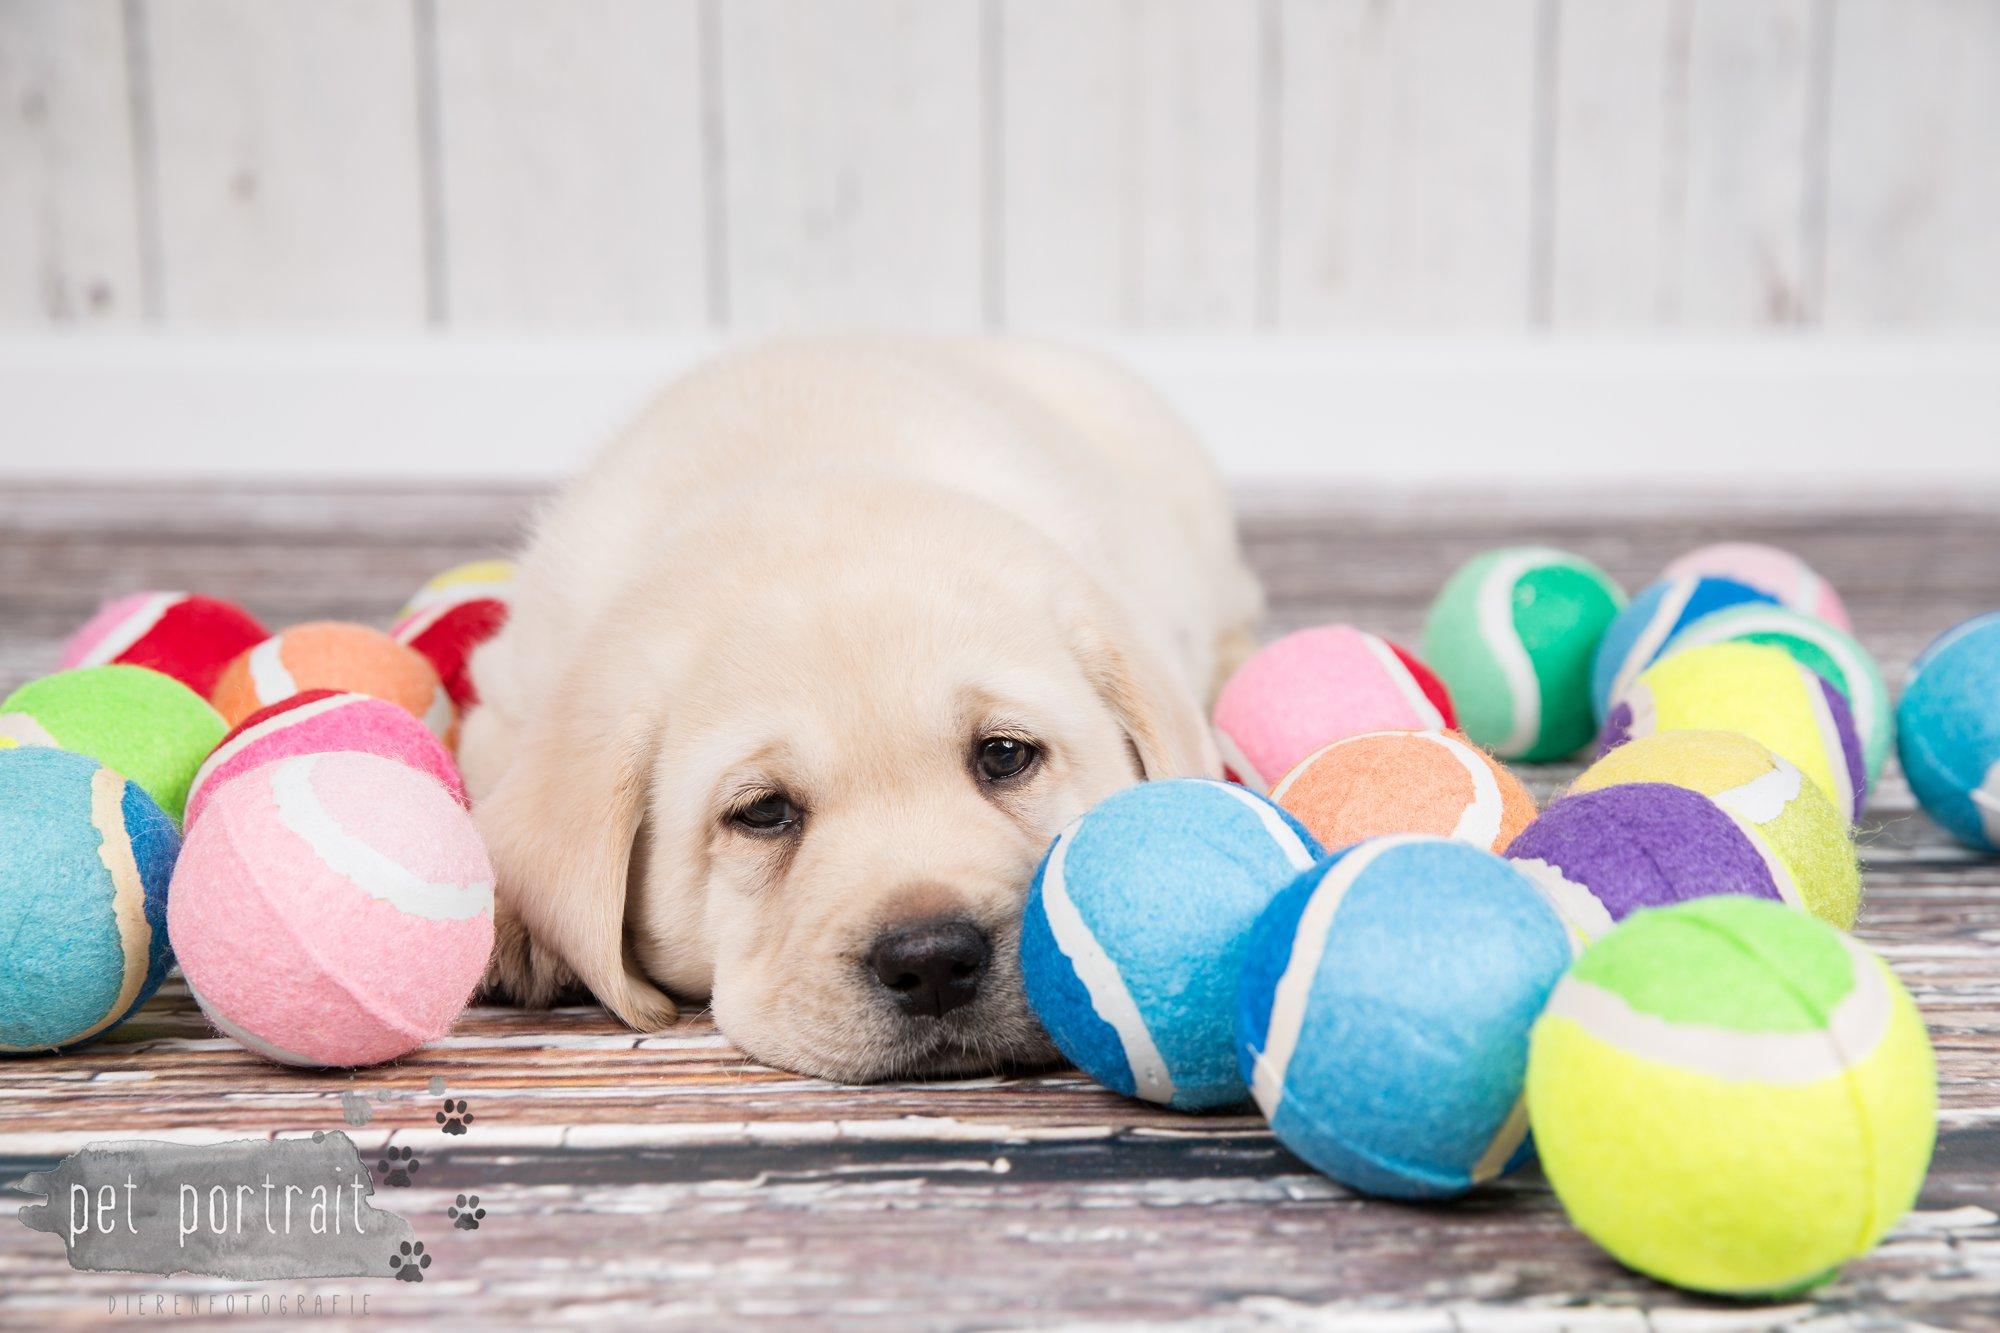 Hondenfotograaf Hillegom - Nestfotoshoot voor Labrador pups-37